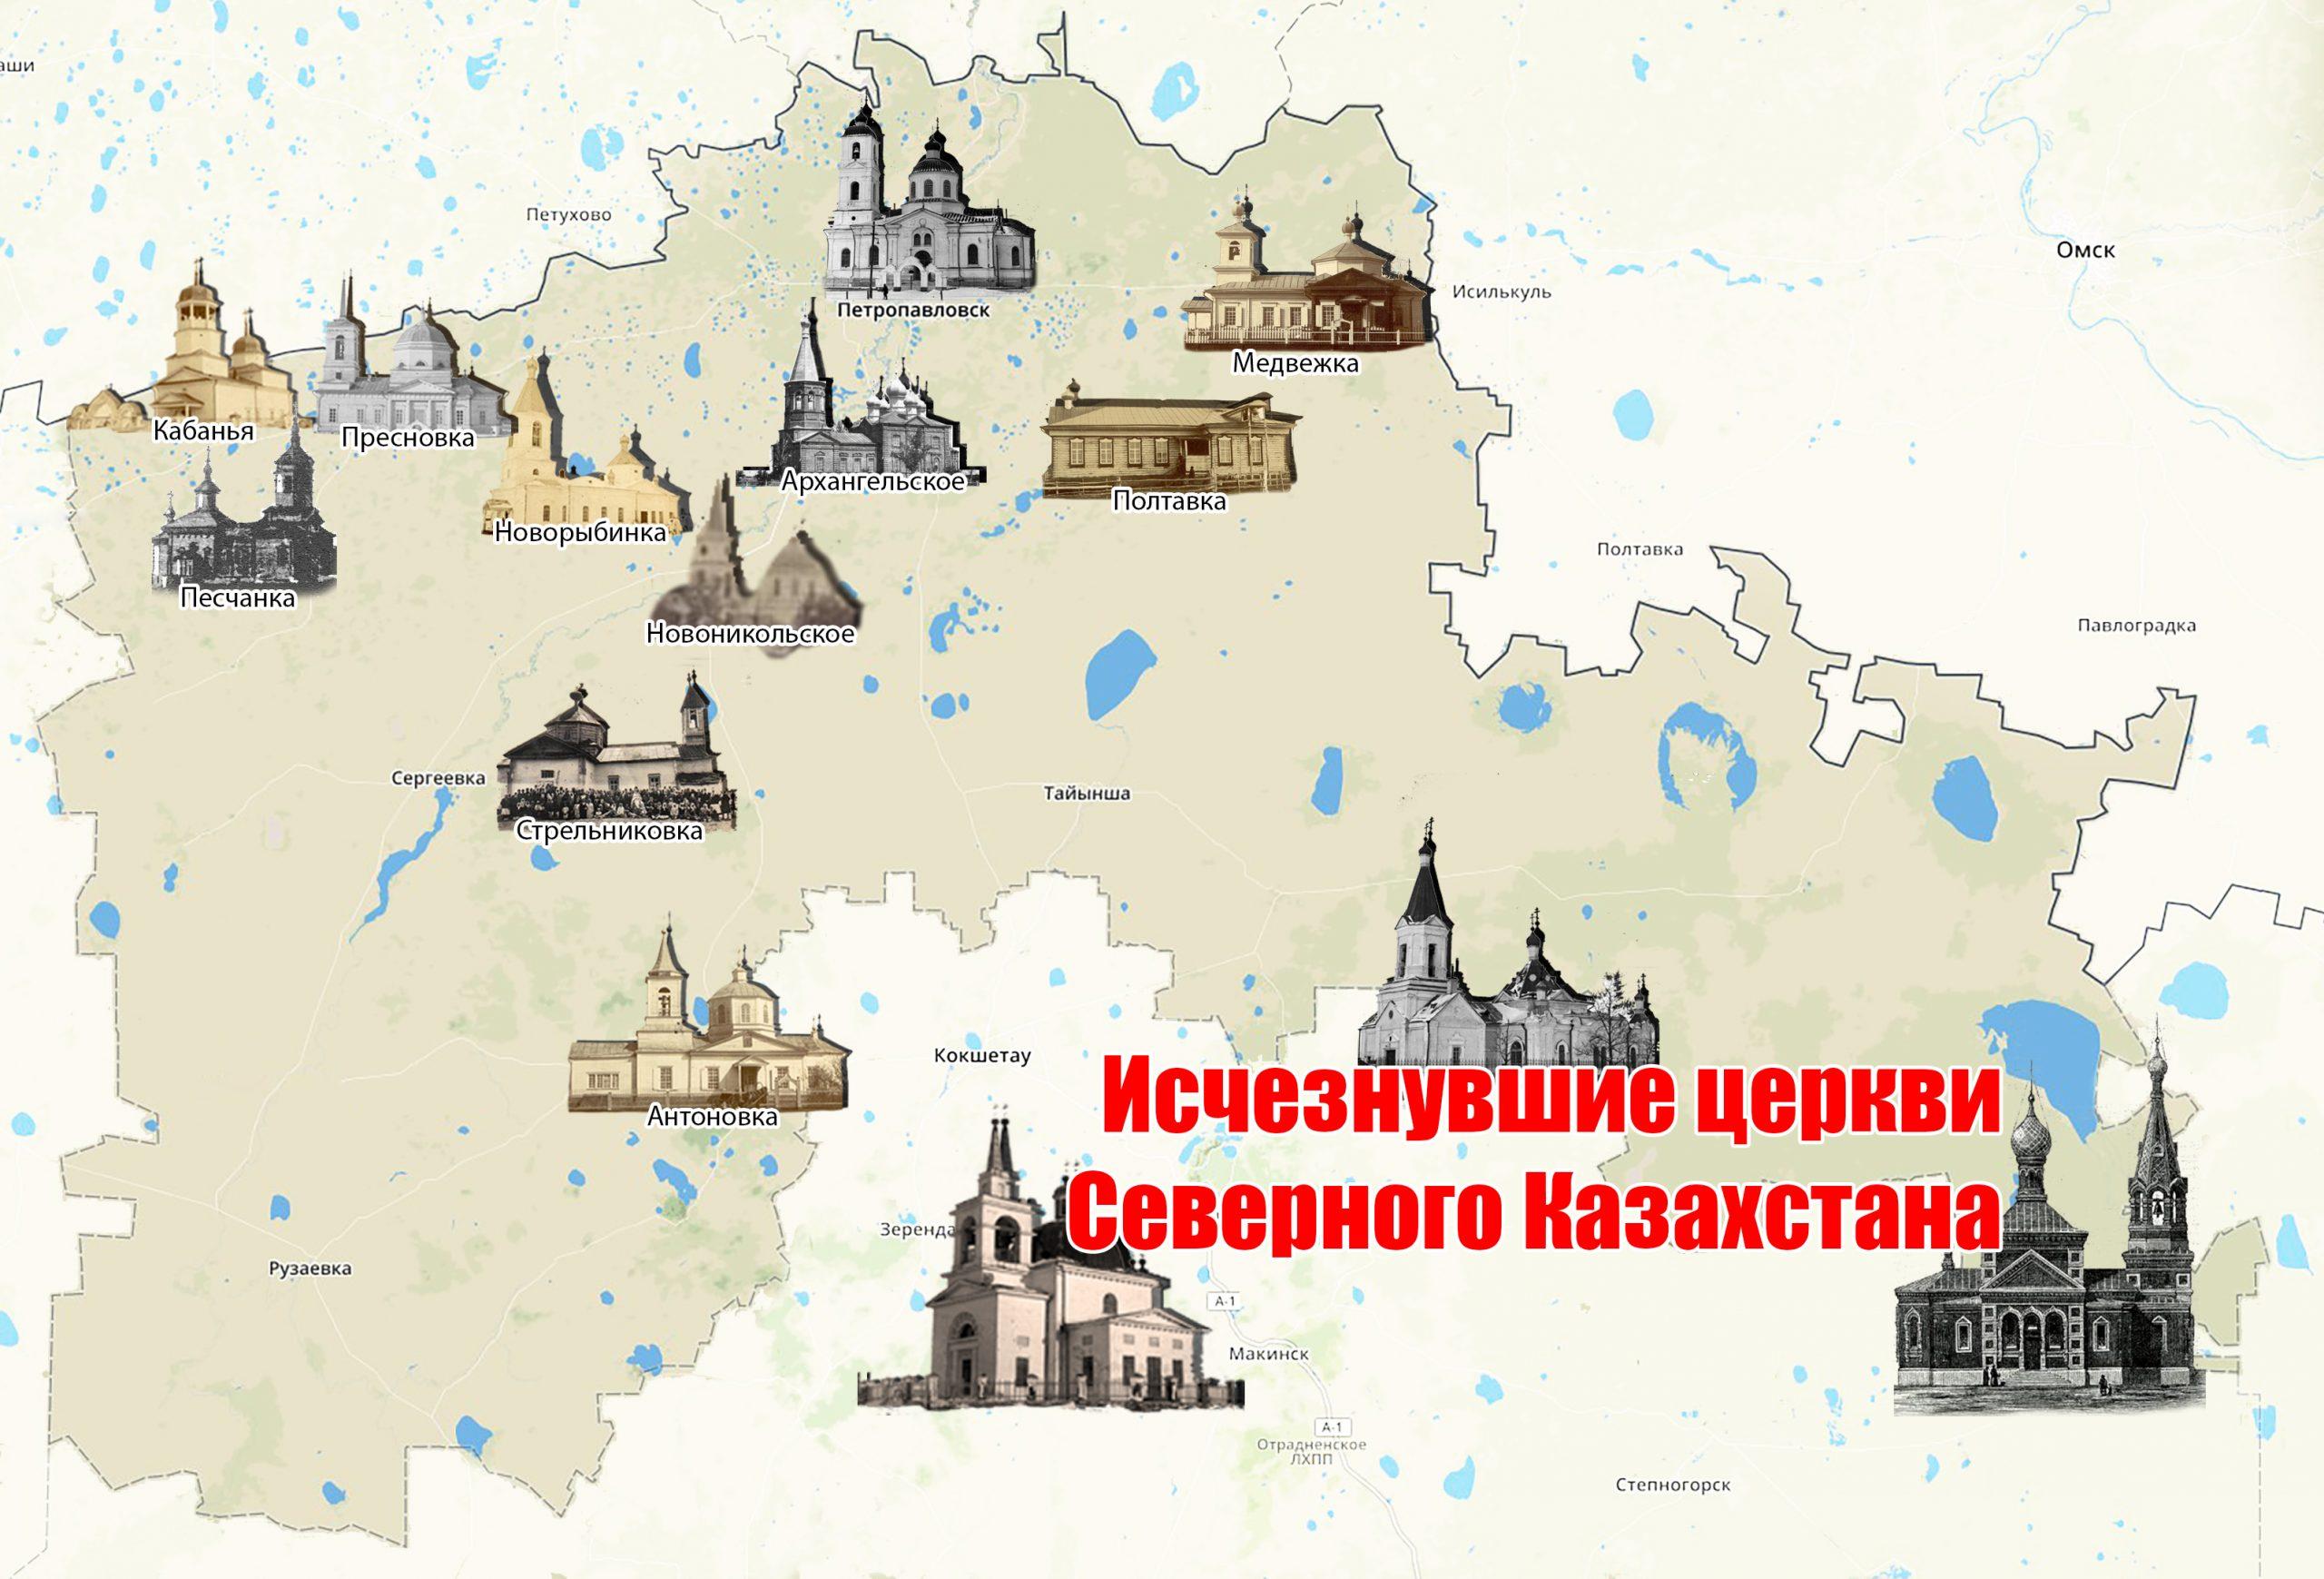 Исчезнувшие церкви Северного Казахстана